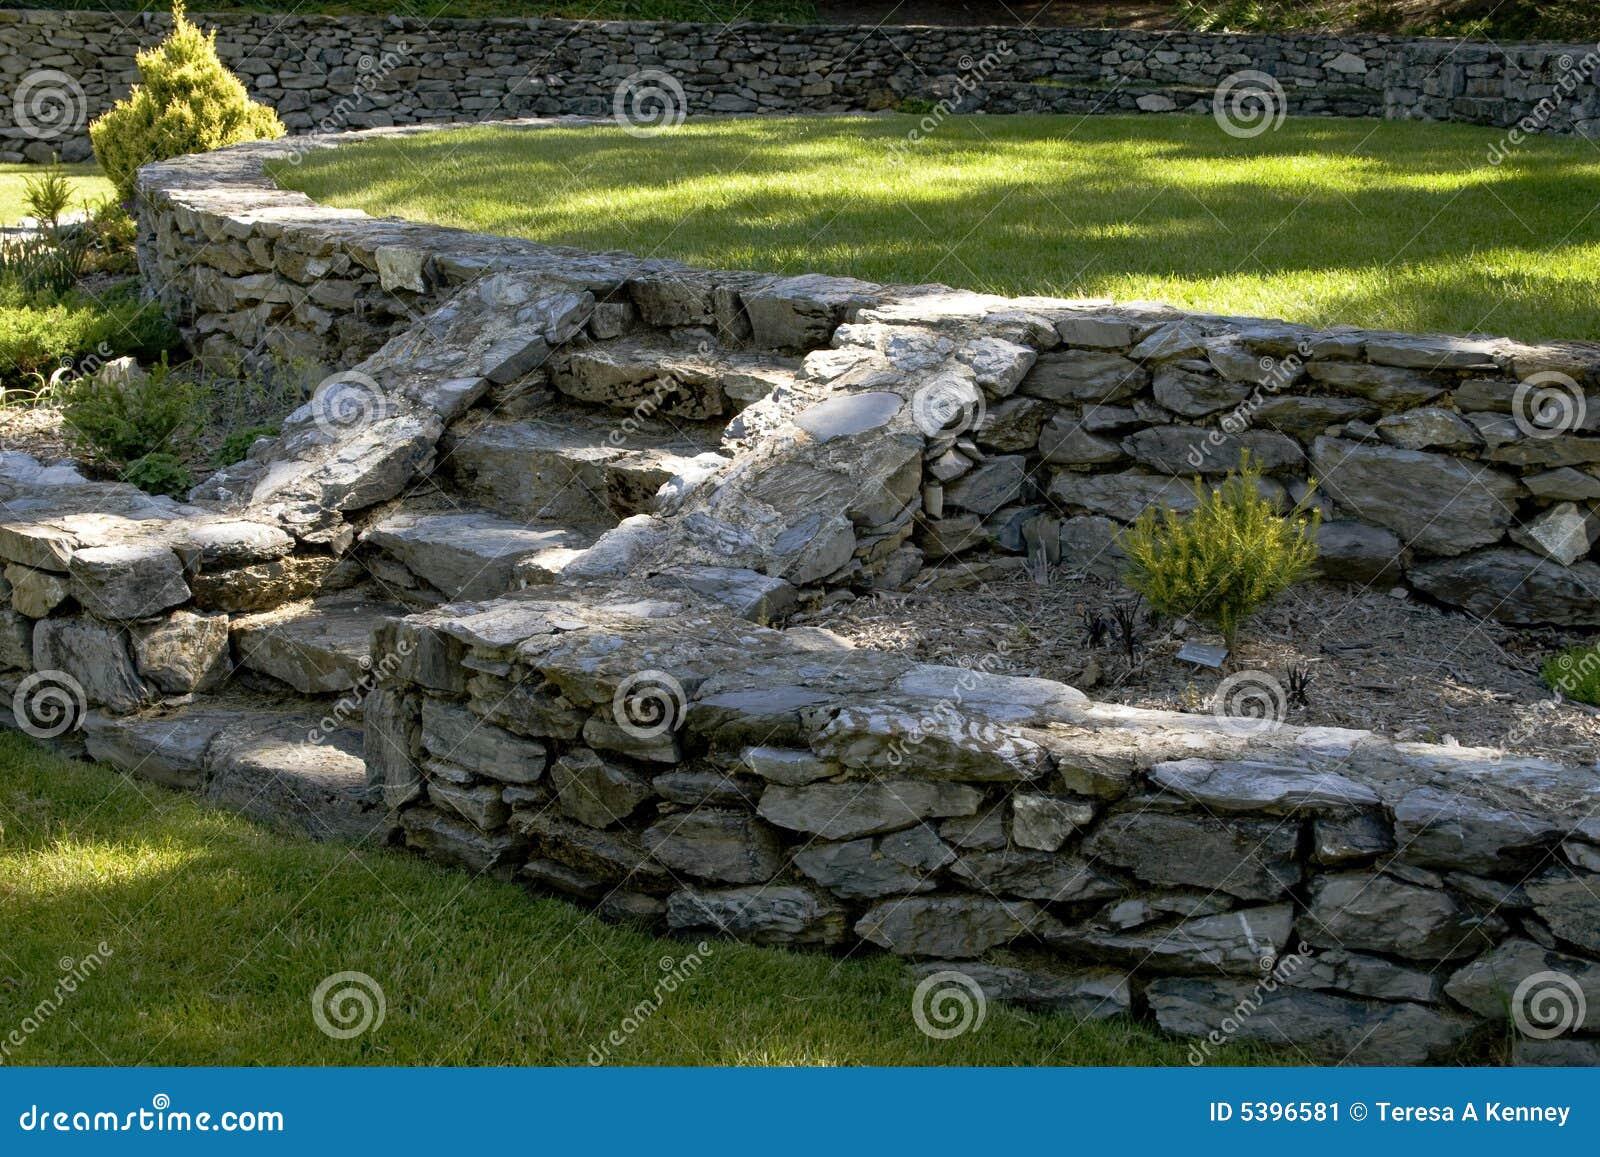 garten-architektur stockbild - bild: 5396581 - Gartenarchitektur